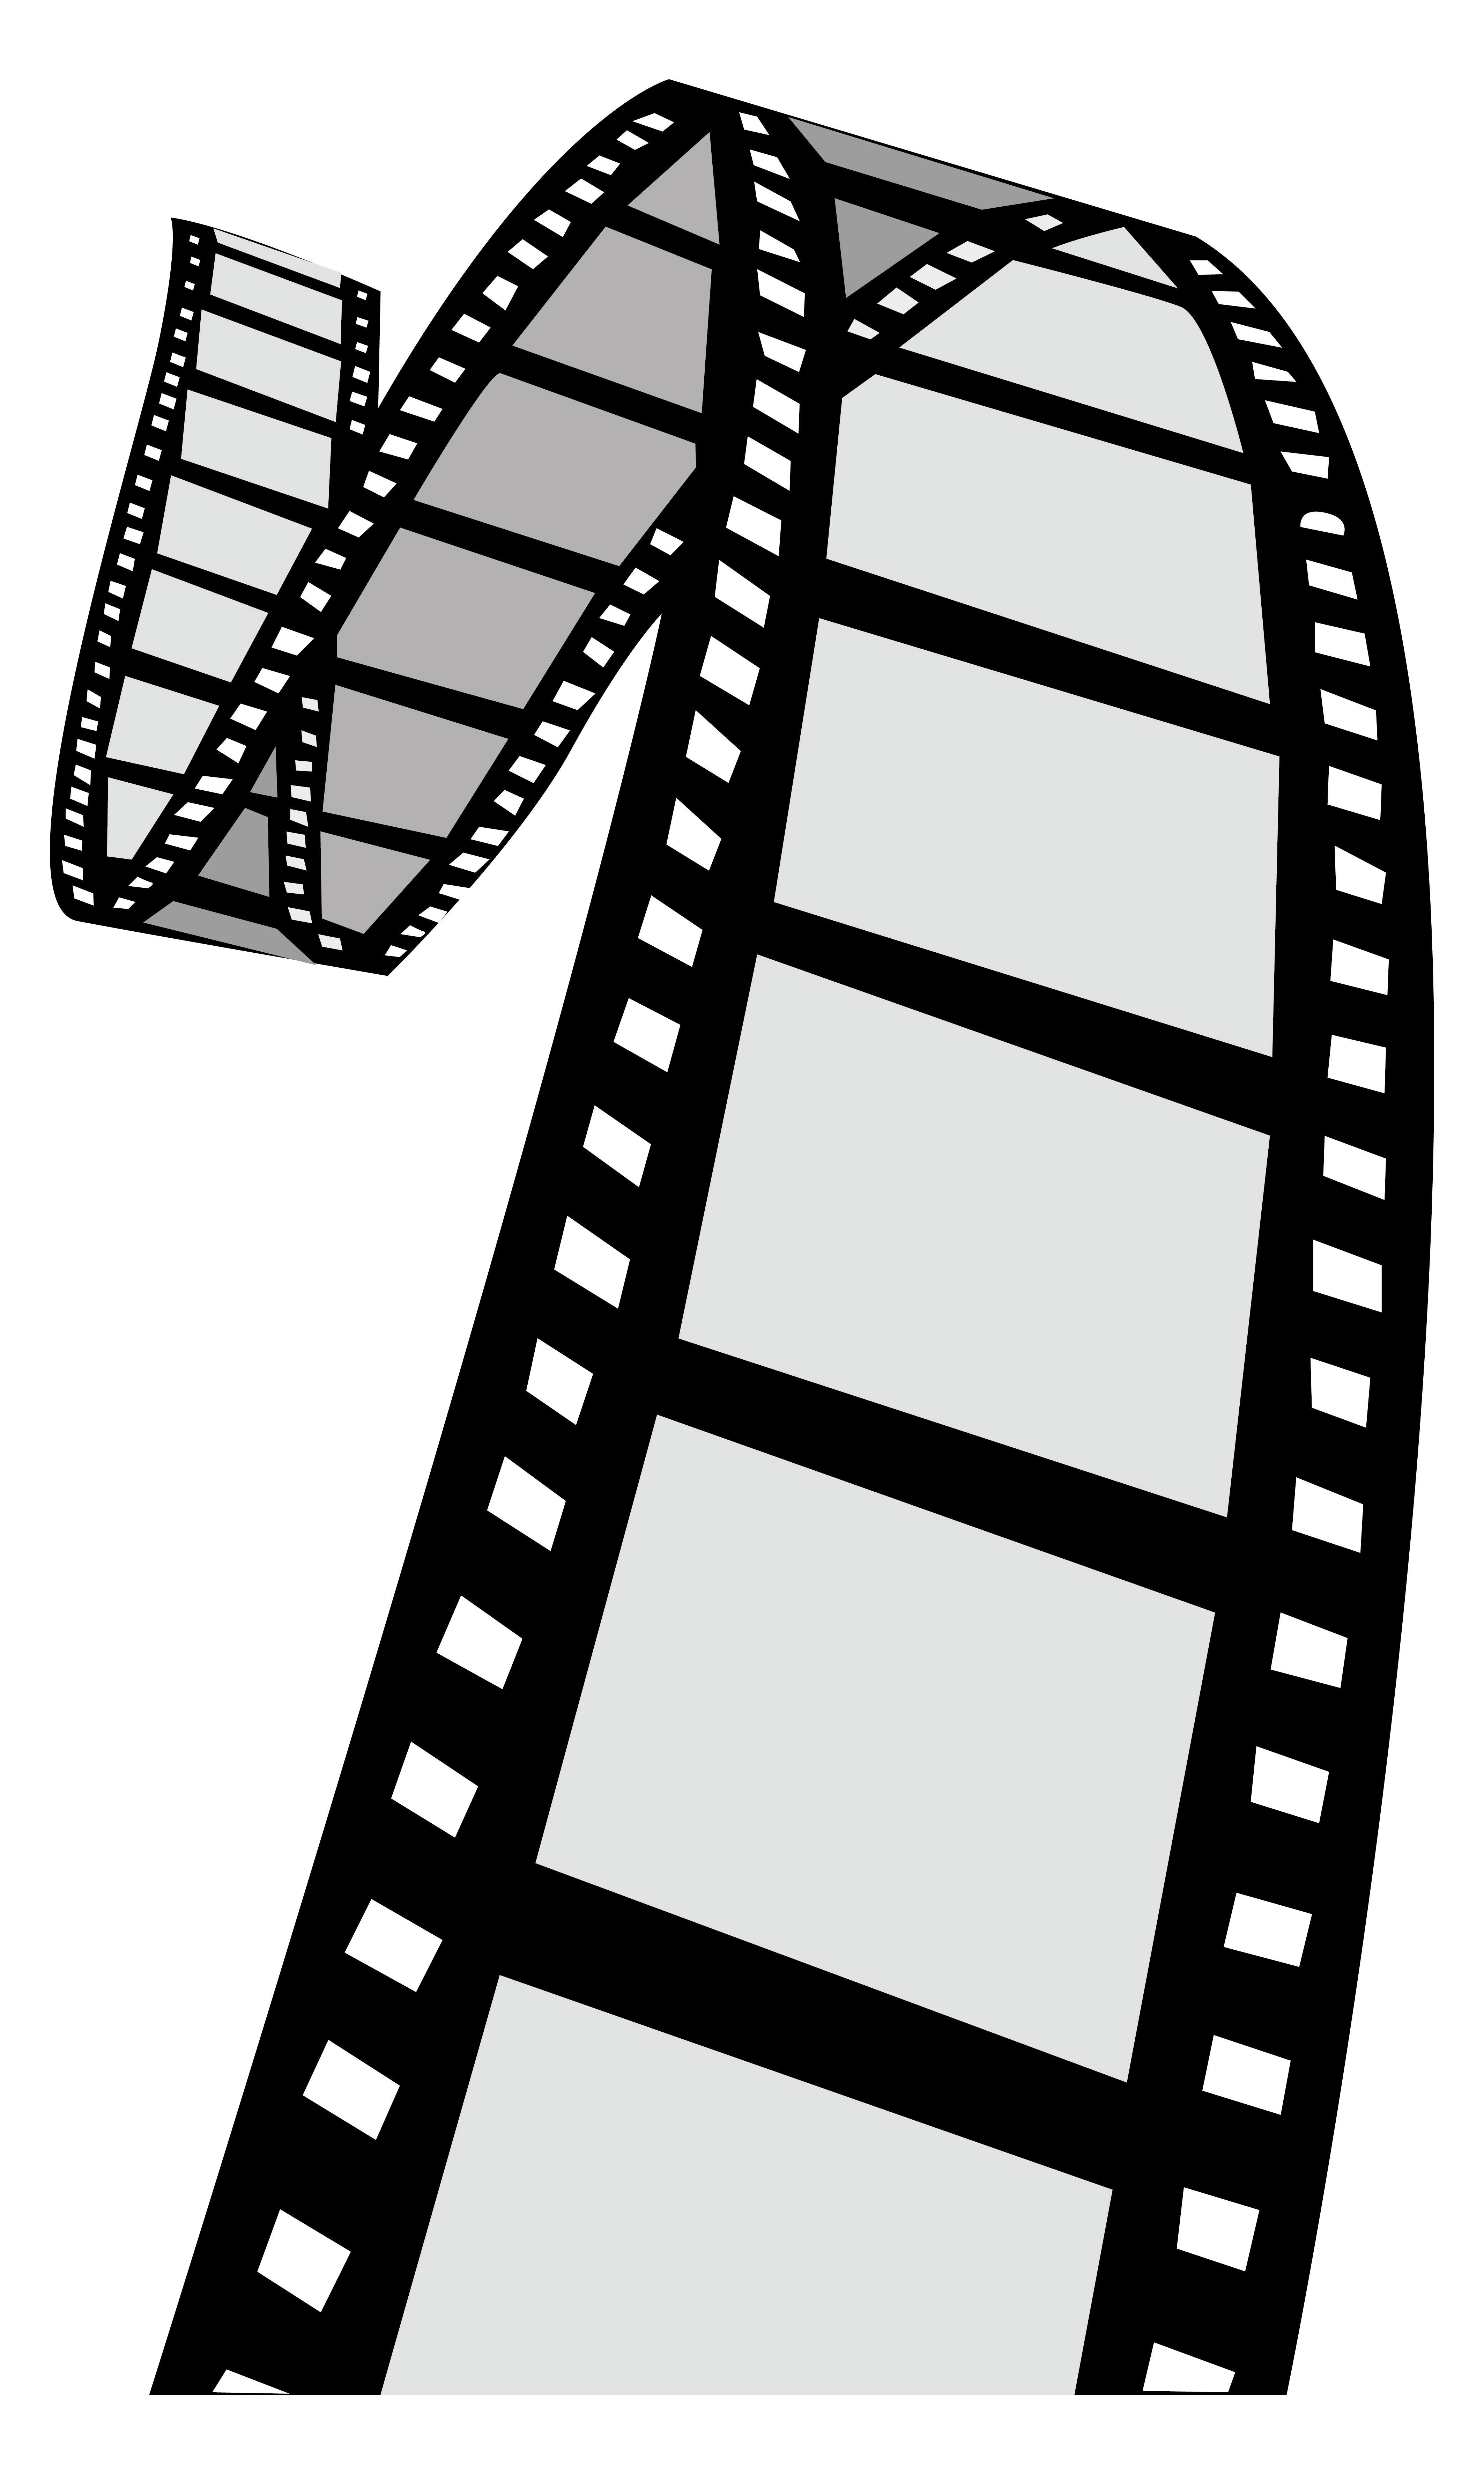 Film clipart film role. Movie honey denim